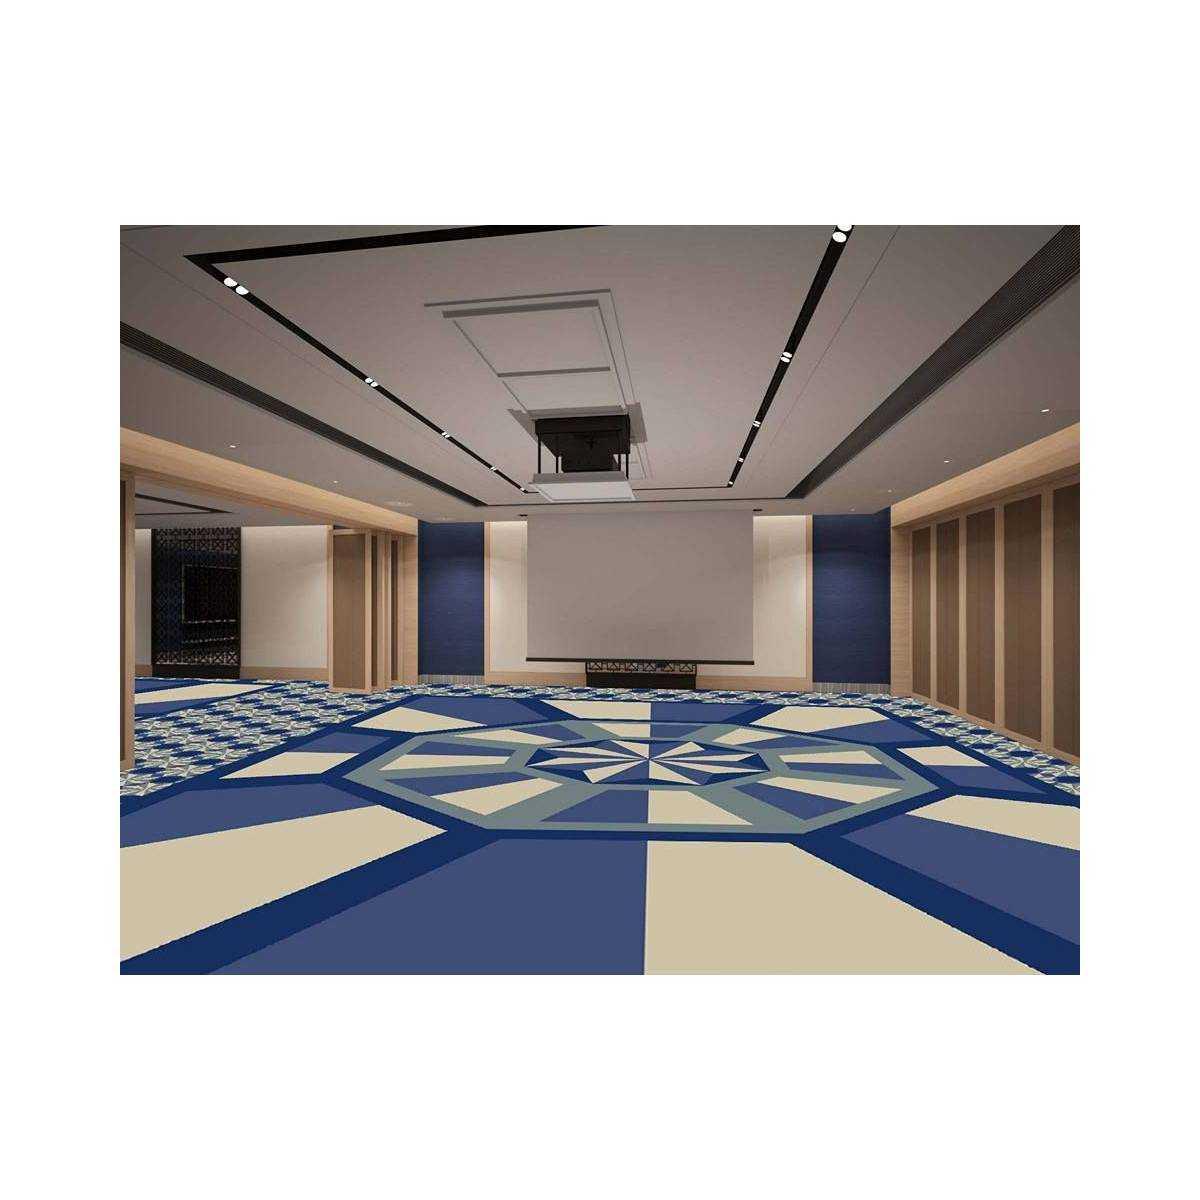 Ковры эксклюзивные carpet-exclusive.001 HASKUL HALI